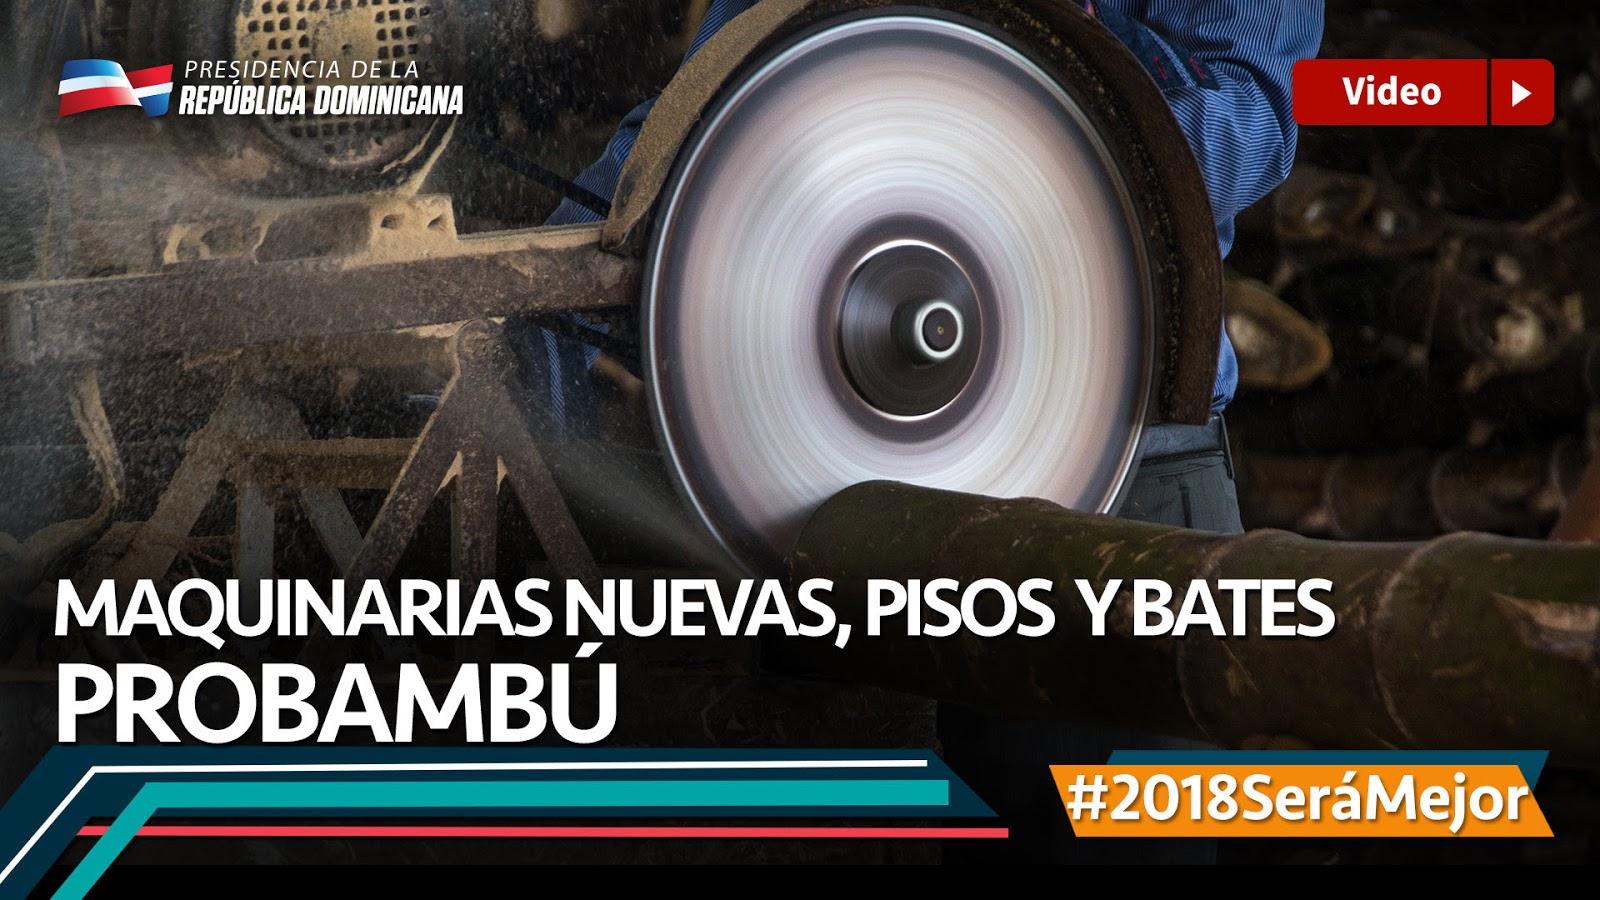 VIDEO: Maquinarias nuevas, pisos y bates. PROBAMBÙ #2018SeráMejor